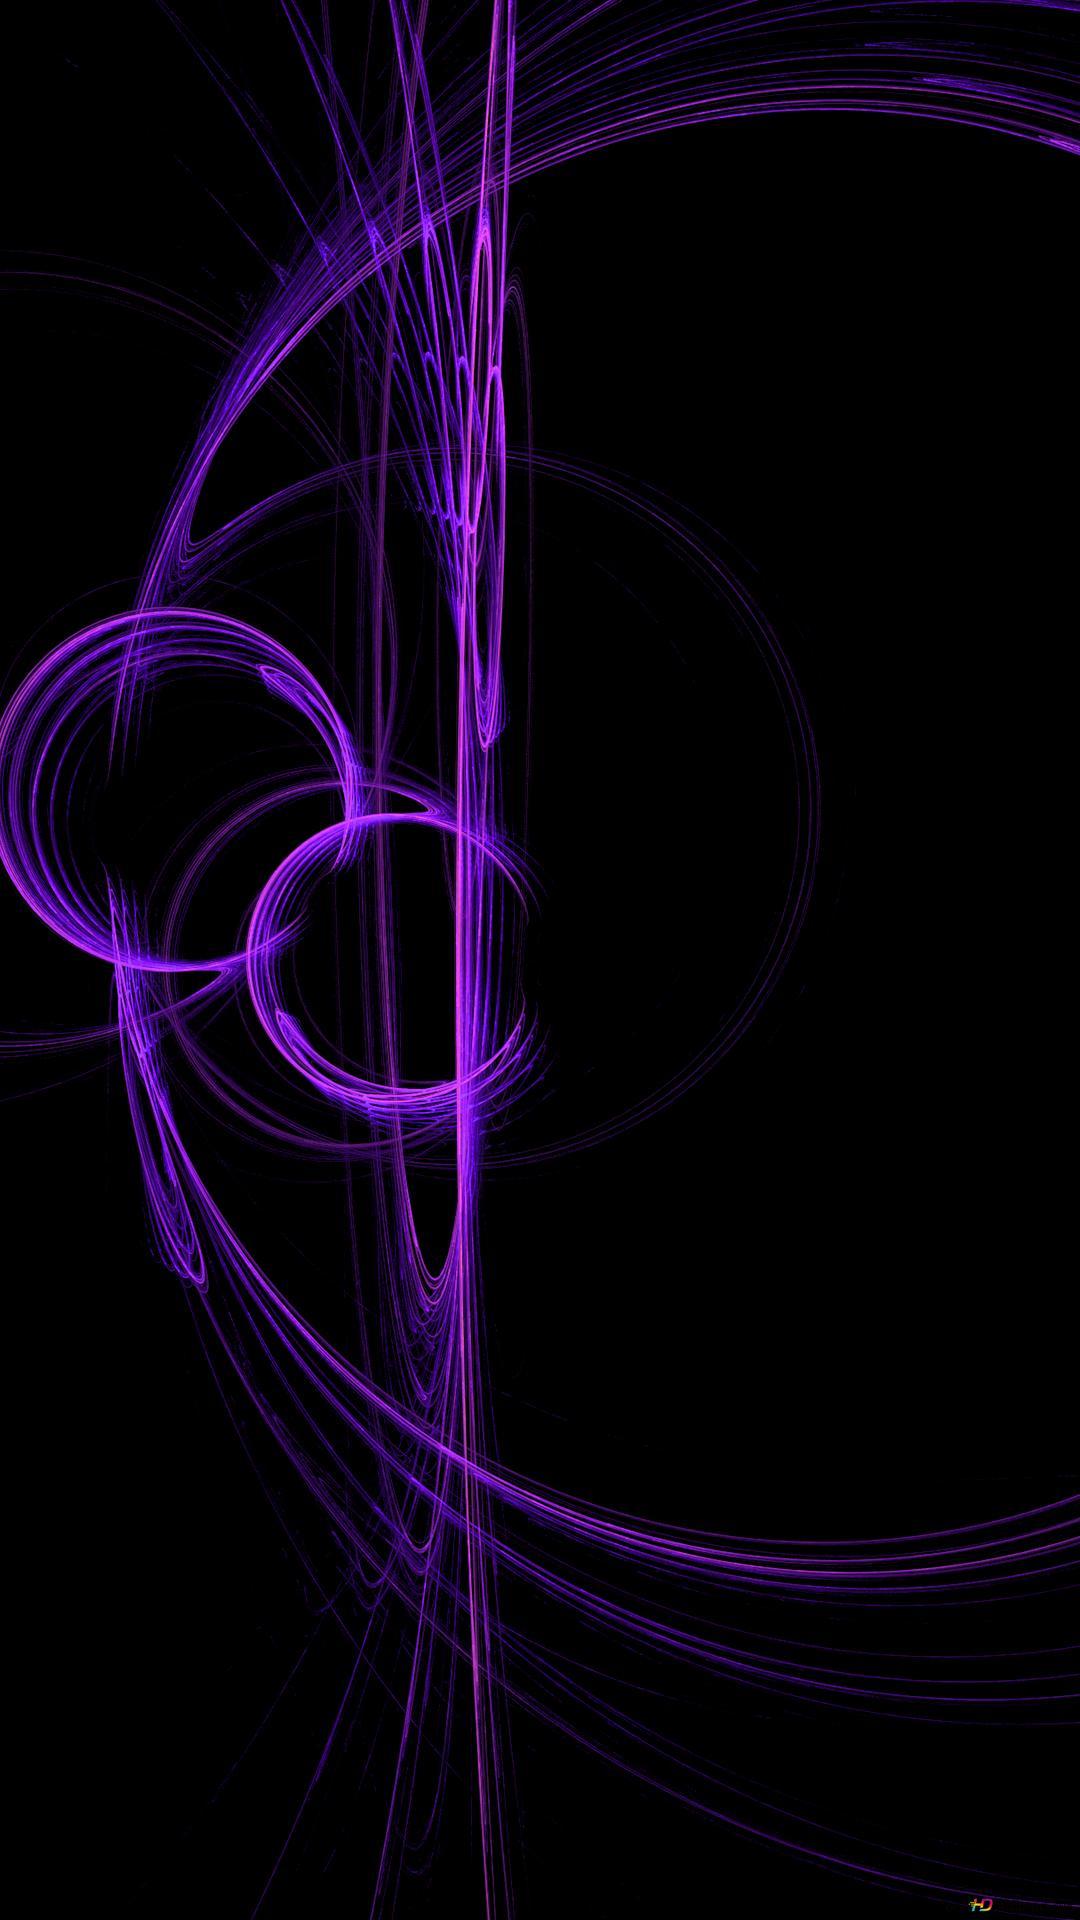 旋回紫 Hd壁紙のダウンロード